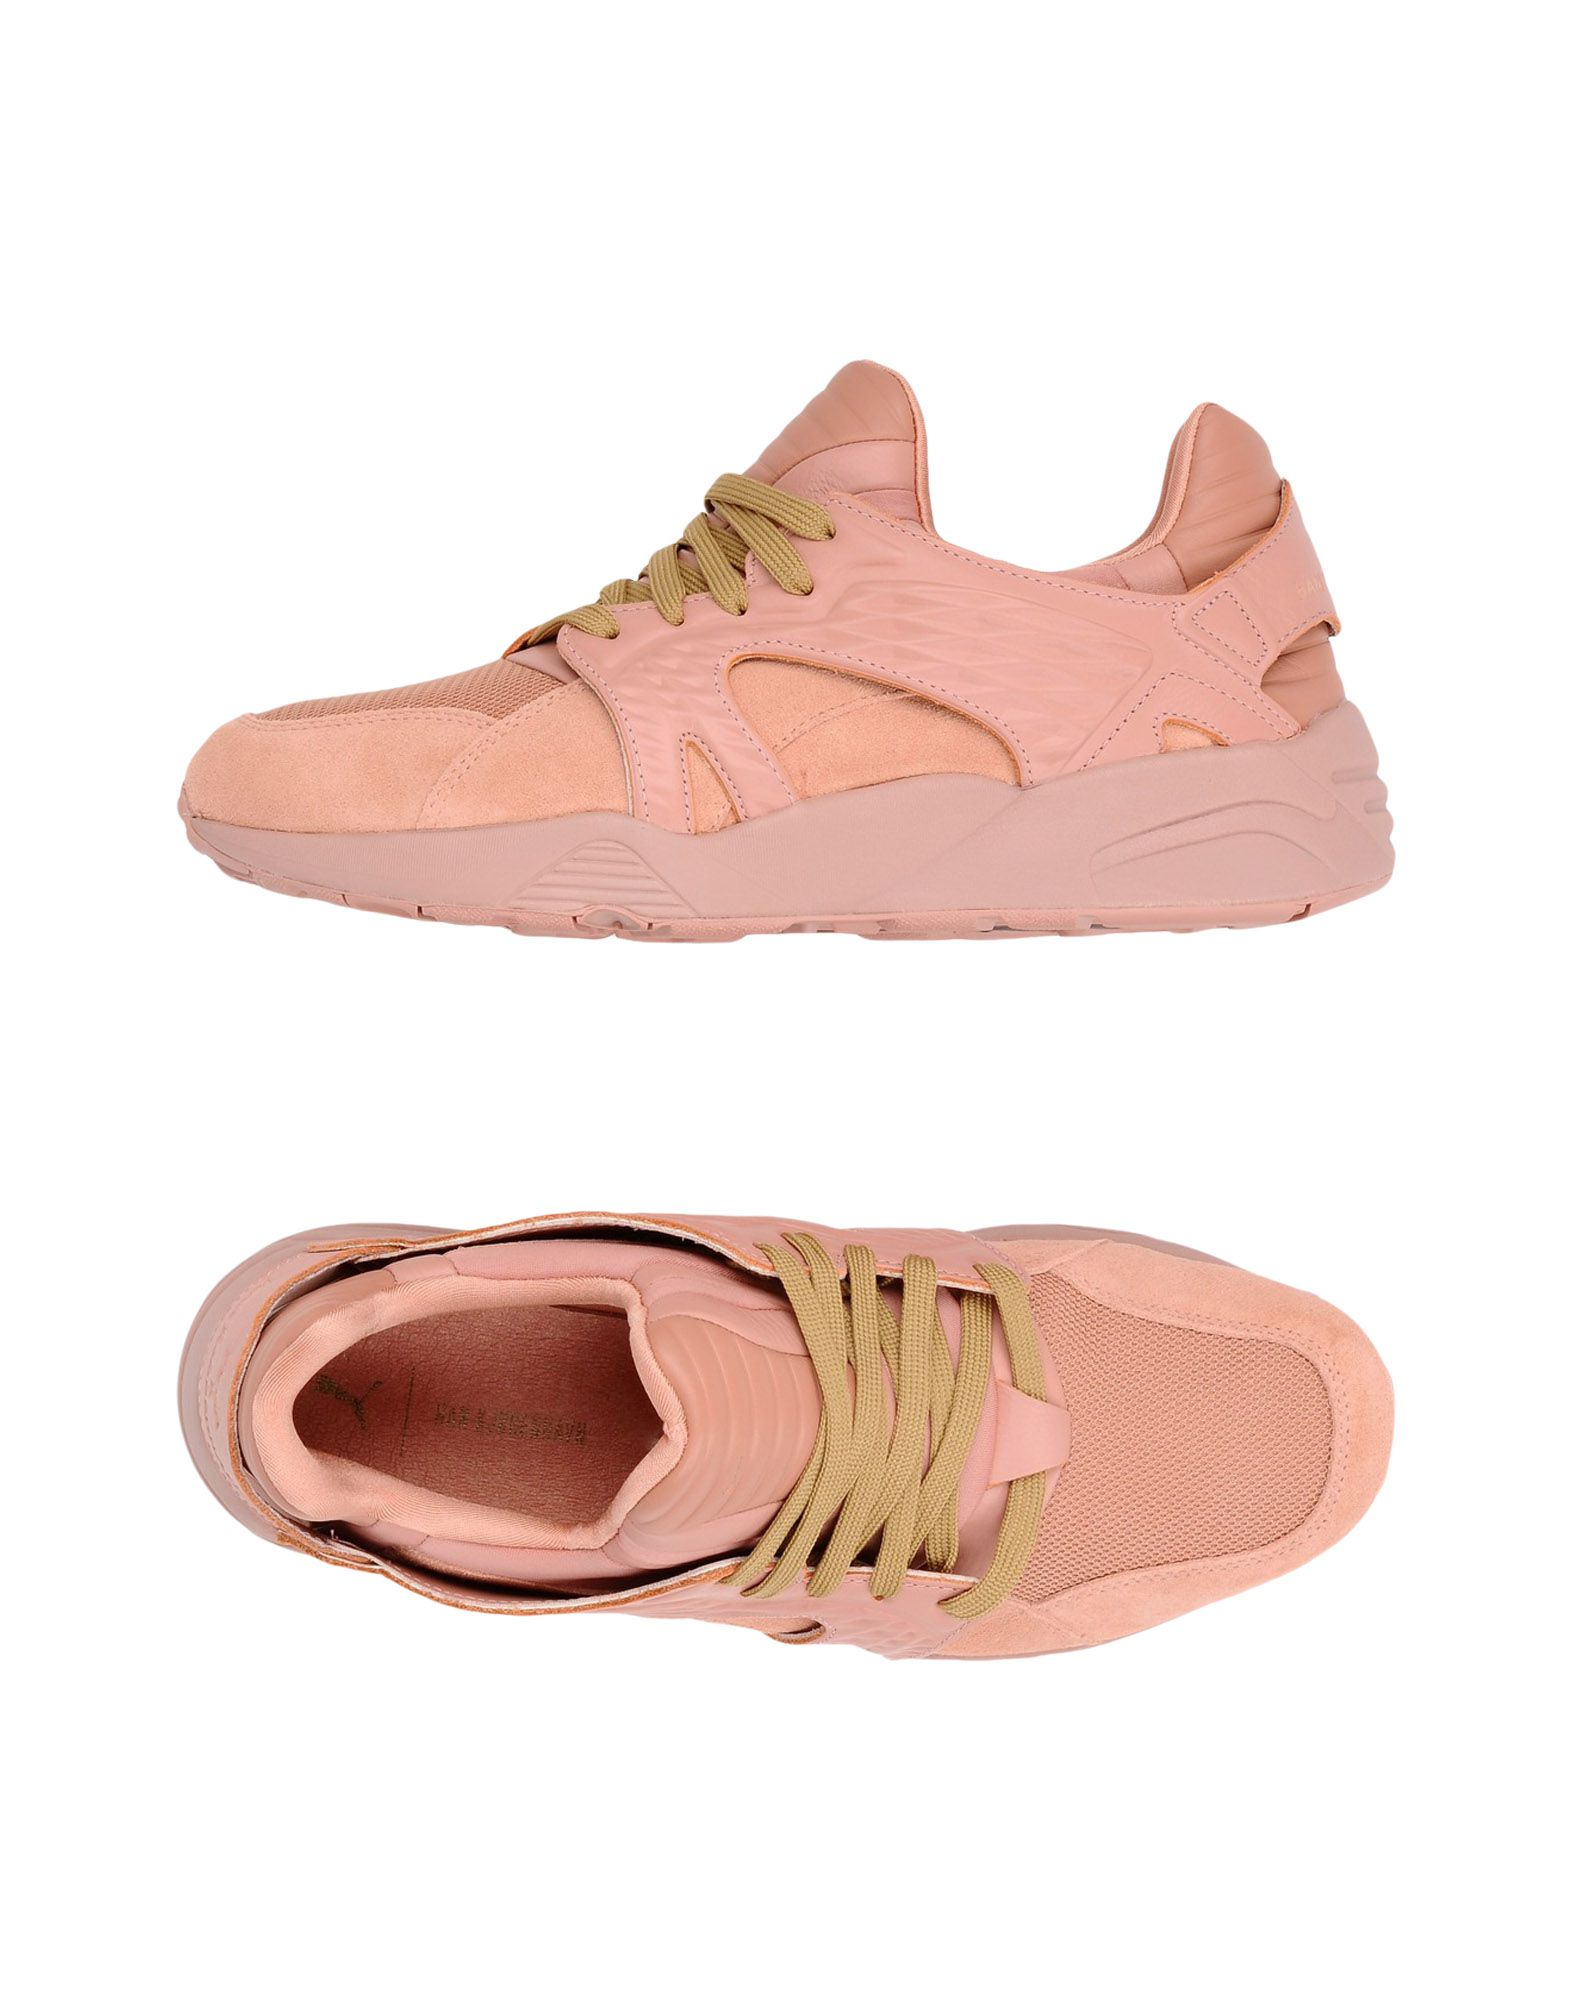 Rabatt echte Schuhe Puma X Han Kjøbenhavn  Blaze Cage  11379835SF